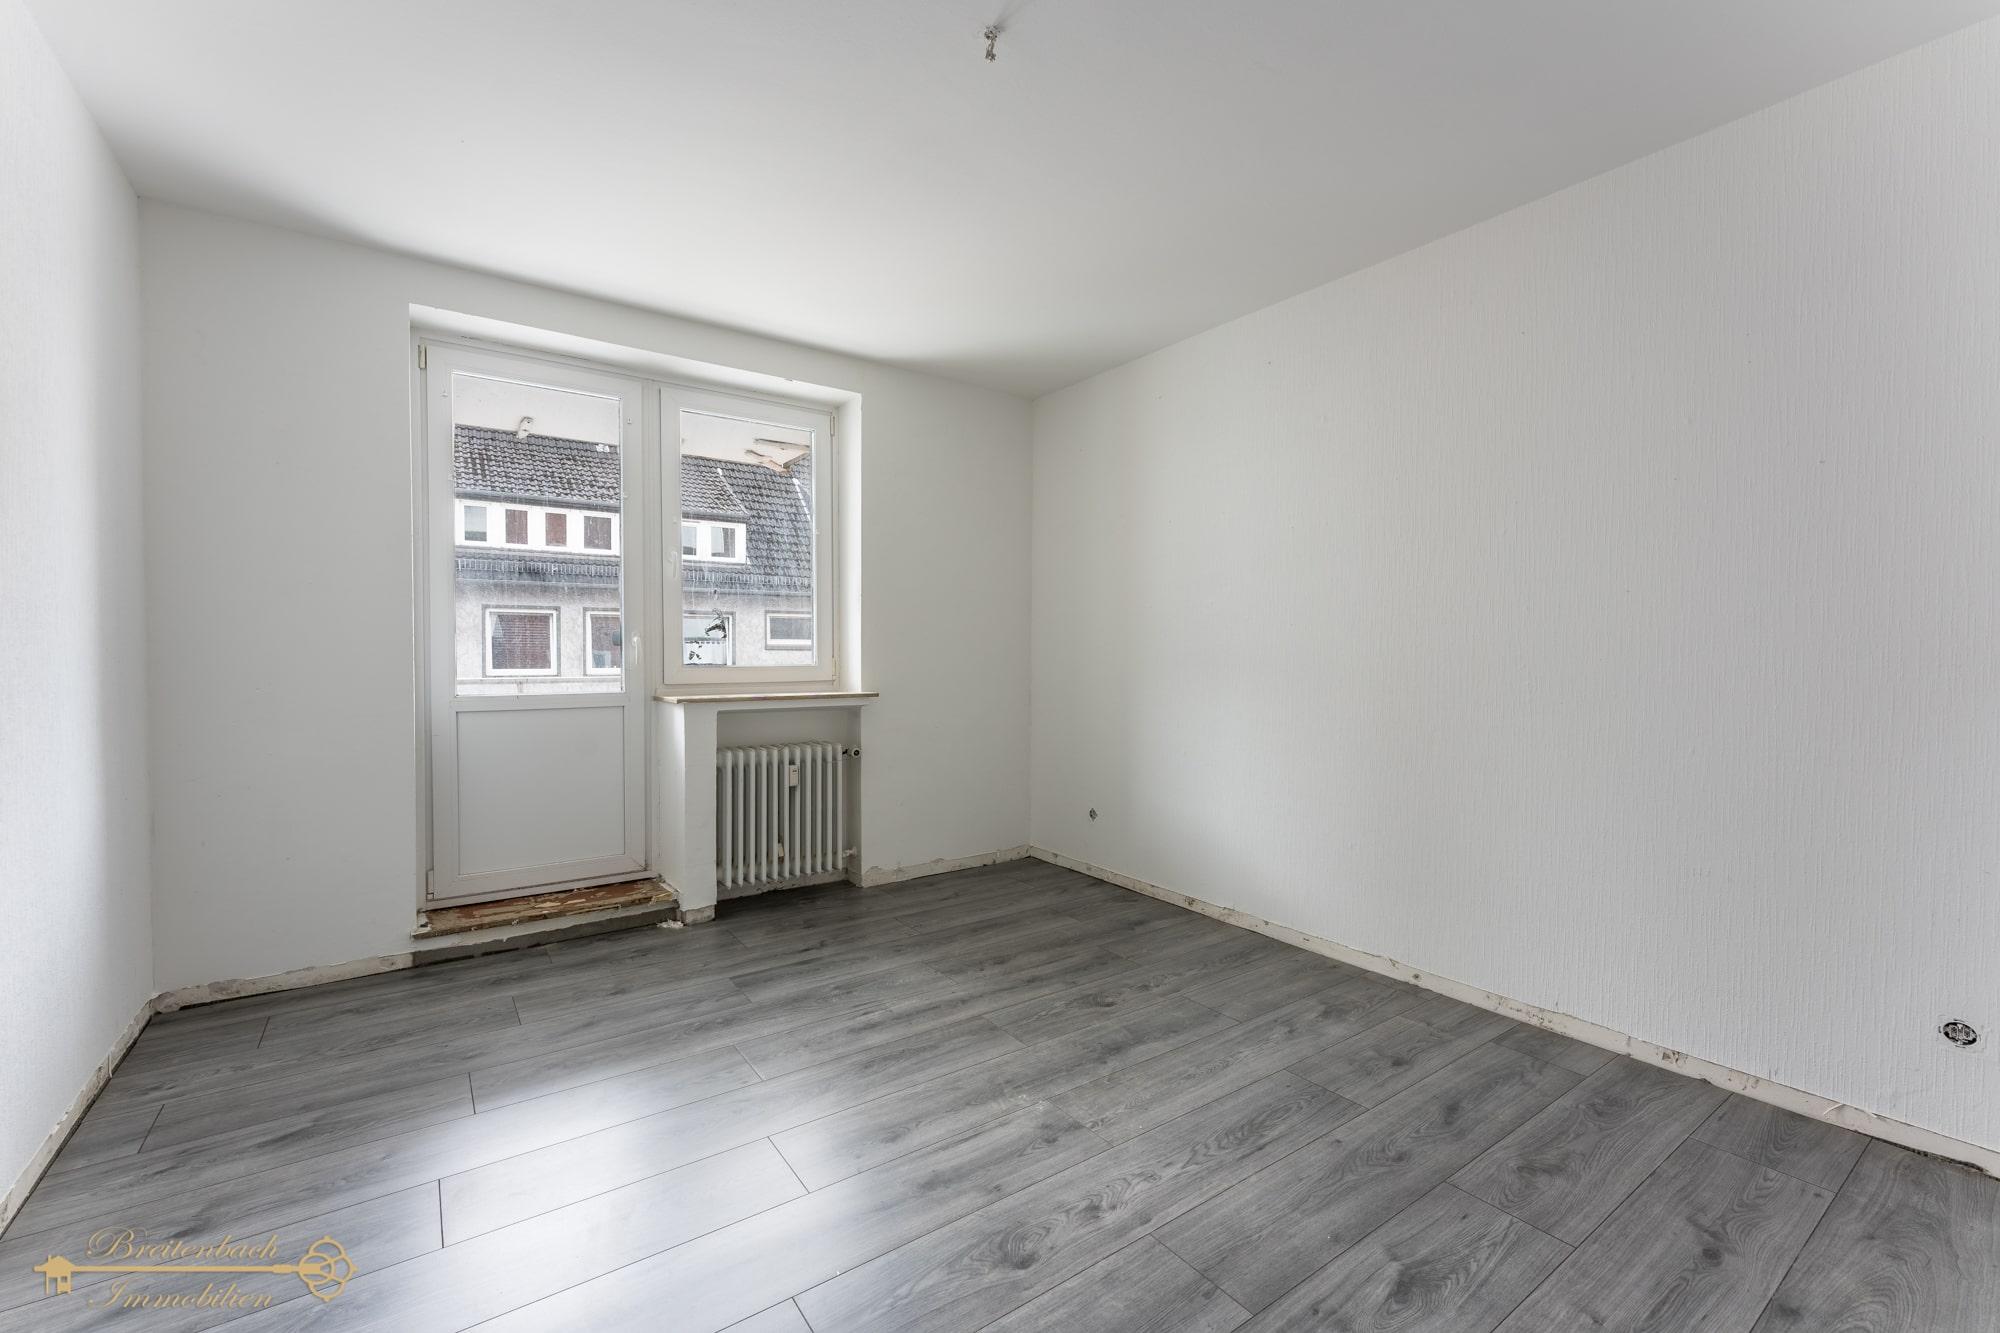 2021-07-27-Breitenbach-Immobilien-Makler-Bremen-7-min